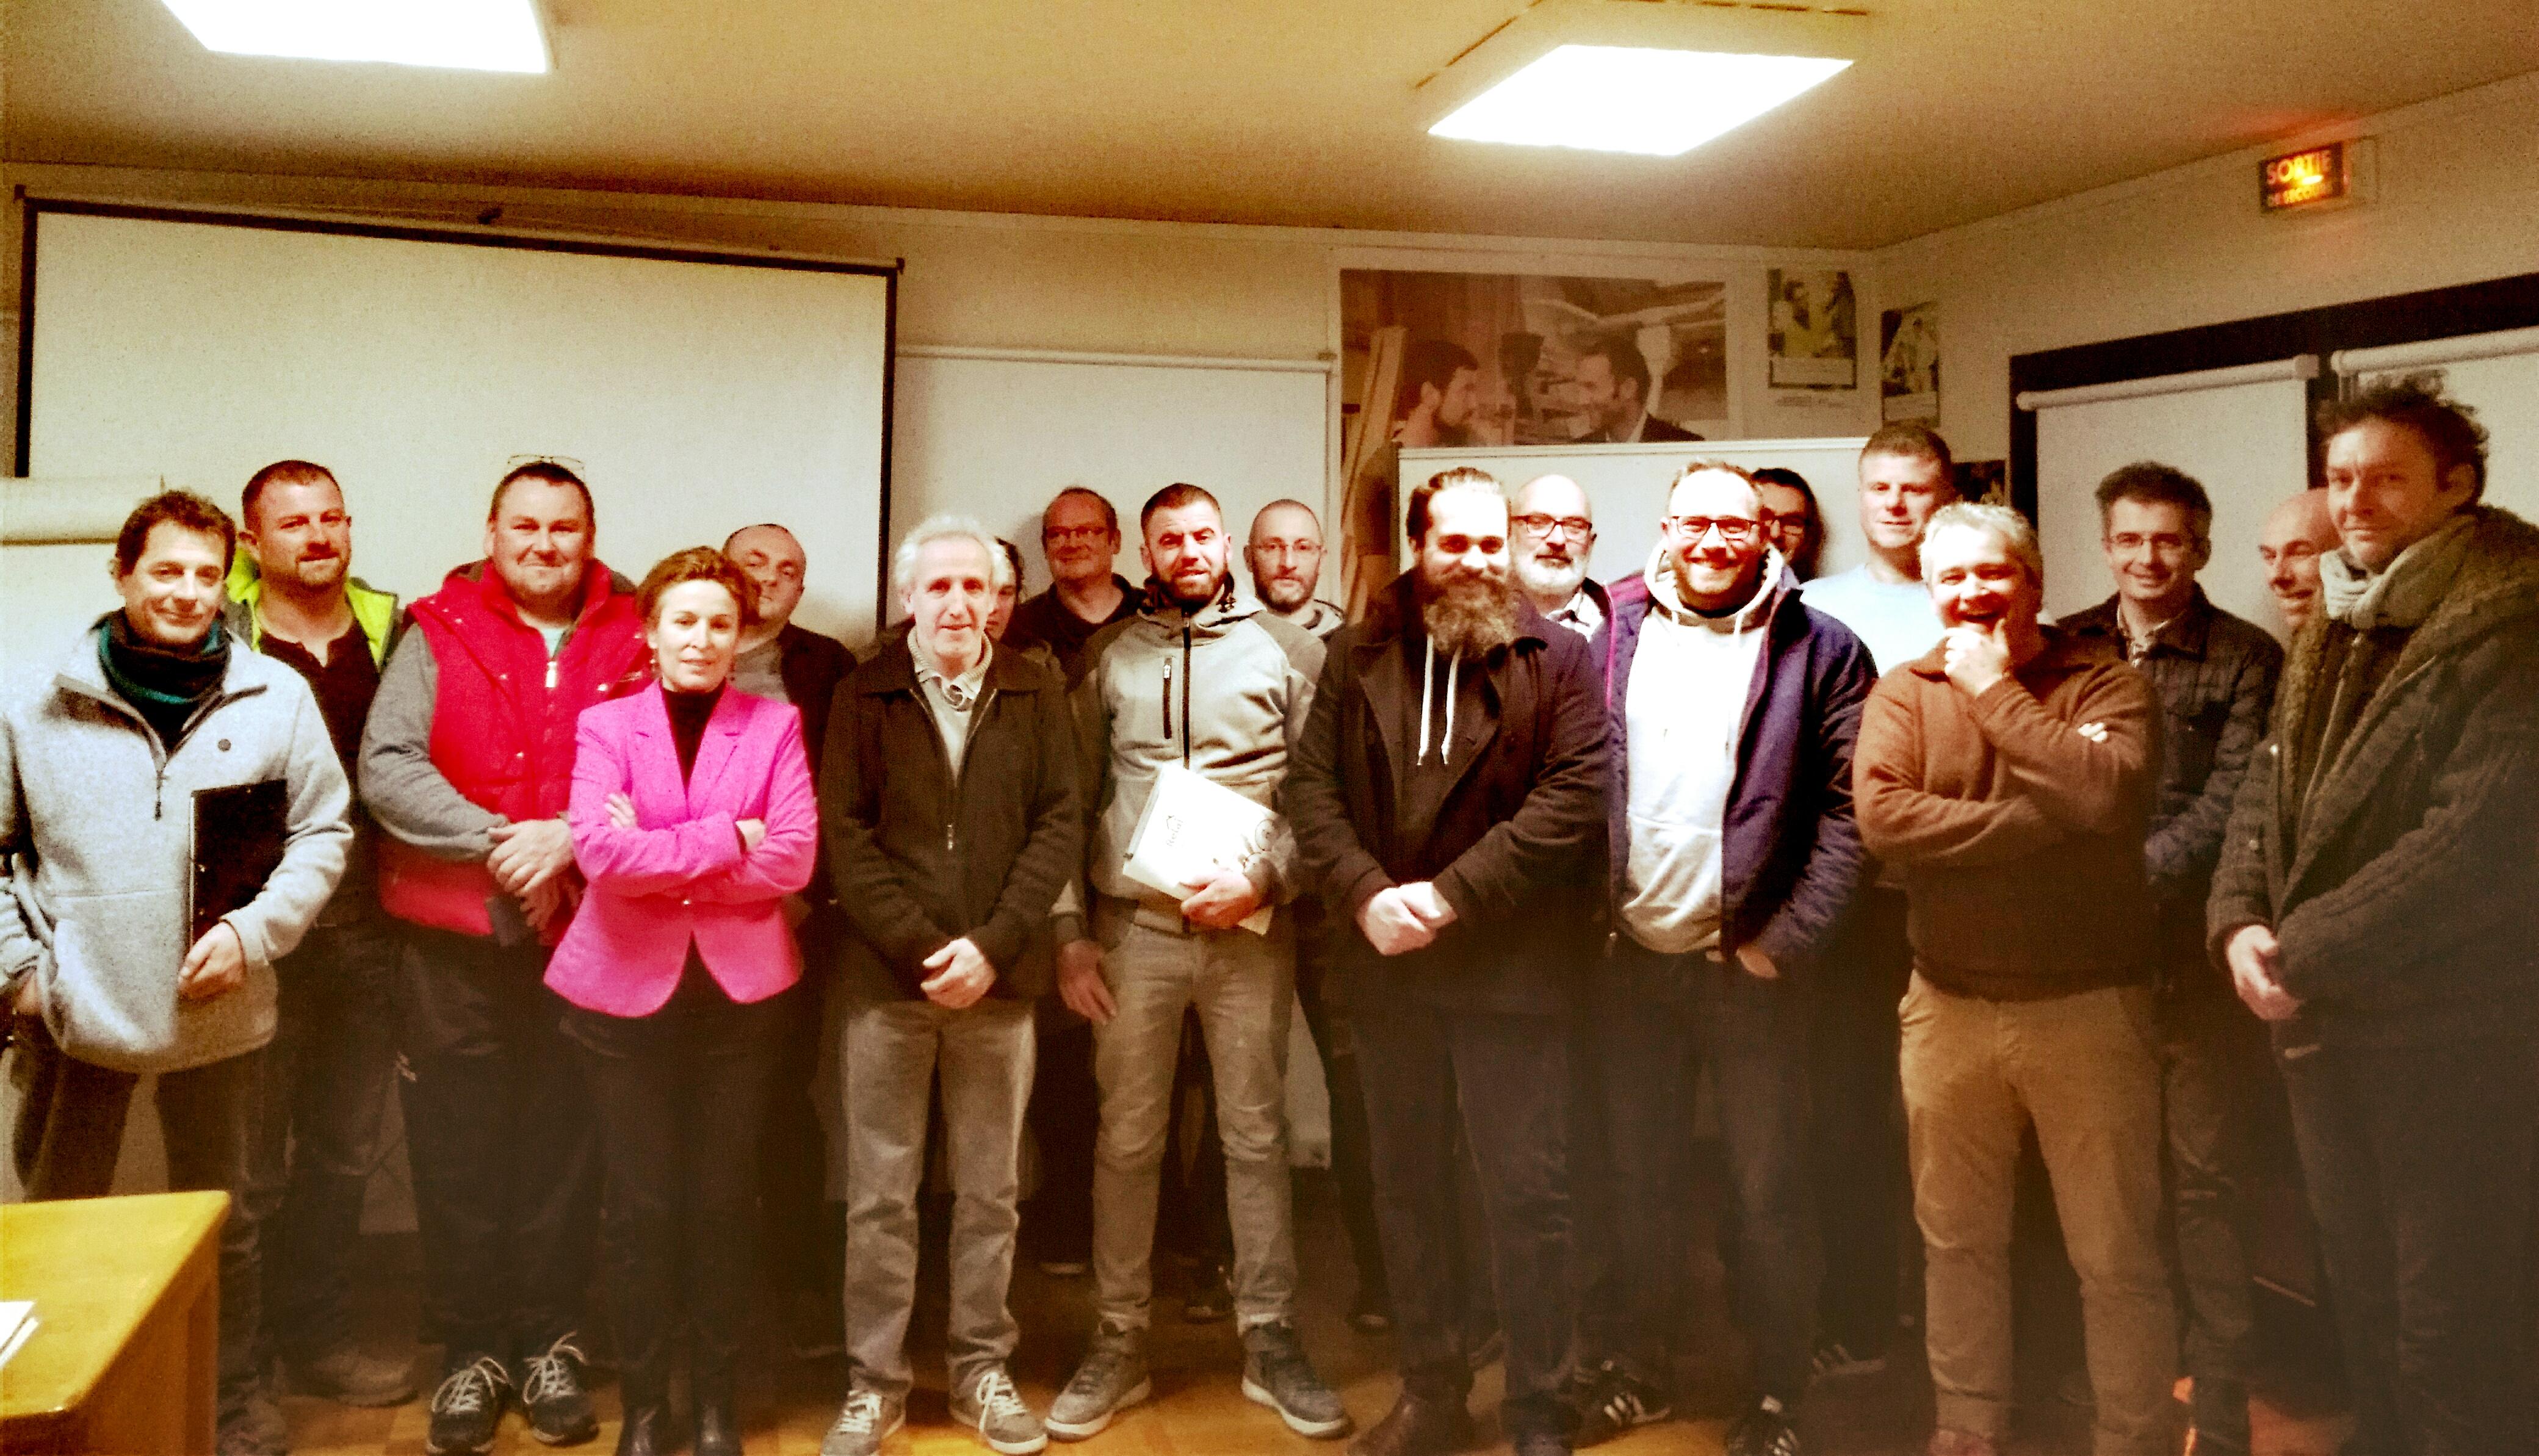 Equipes RELAI Lannion-Trégor communauté